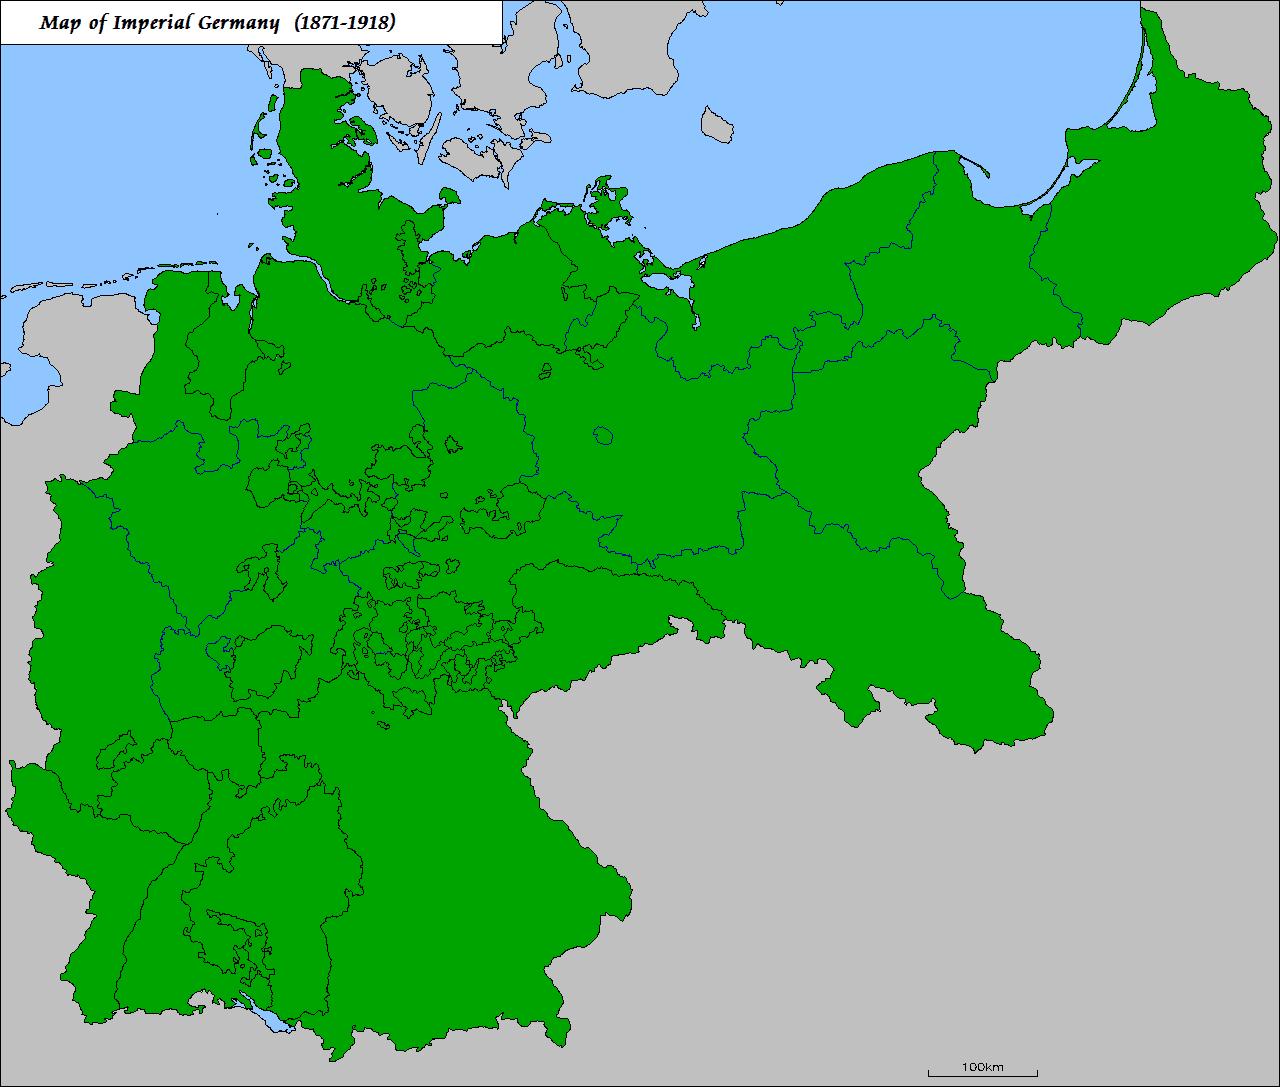 German Empire 1871-1918